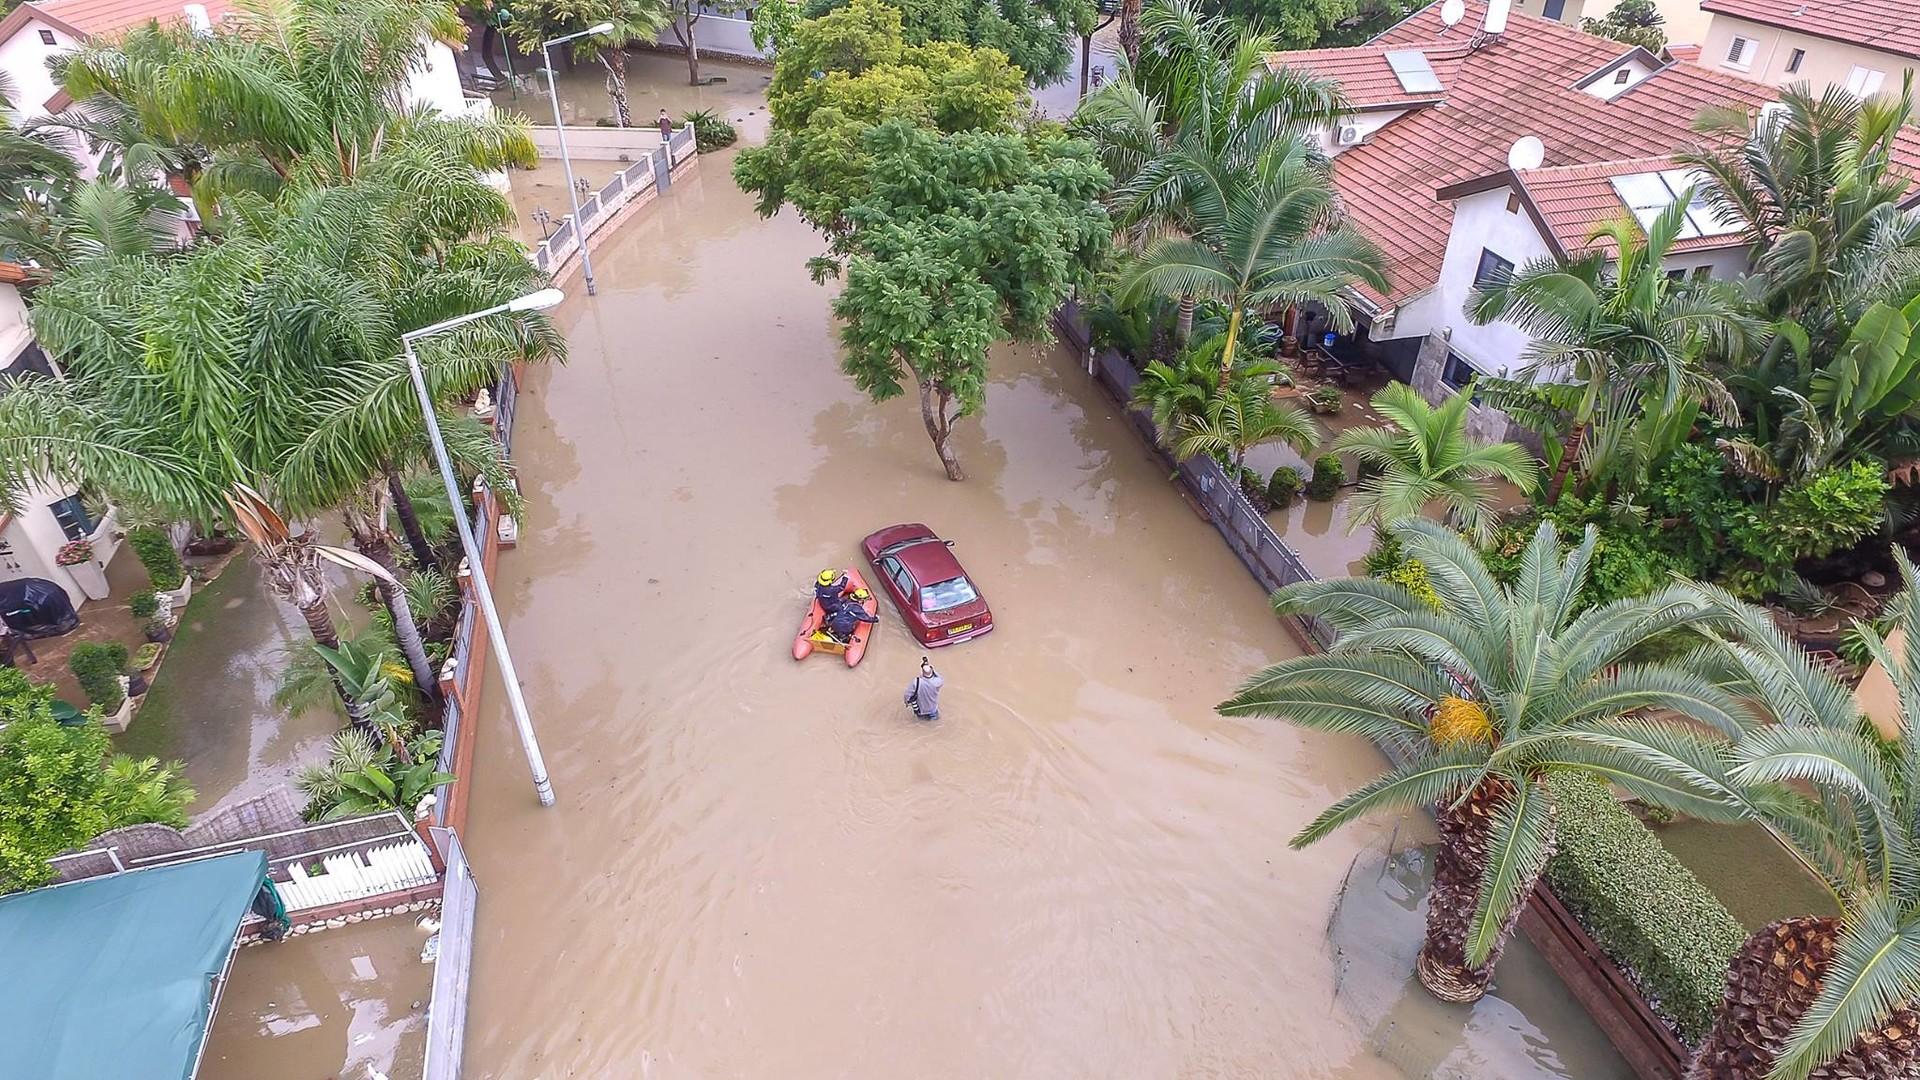 Сильные наводнения обрушились на Израиль после одного из самых дождливых дней в истории страны  - фото 5